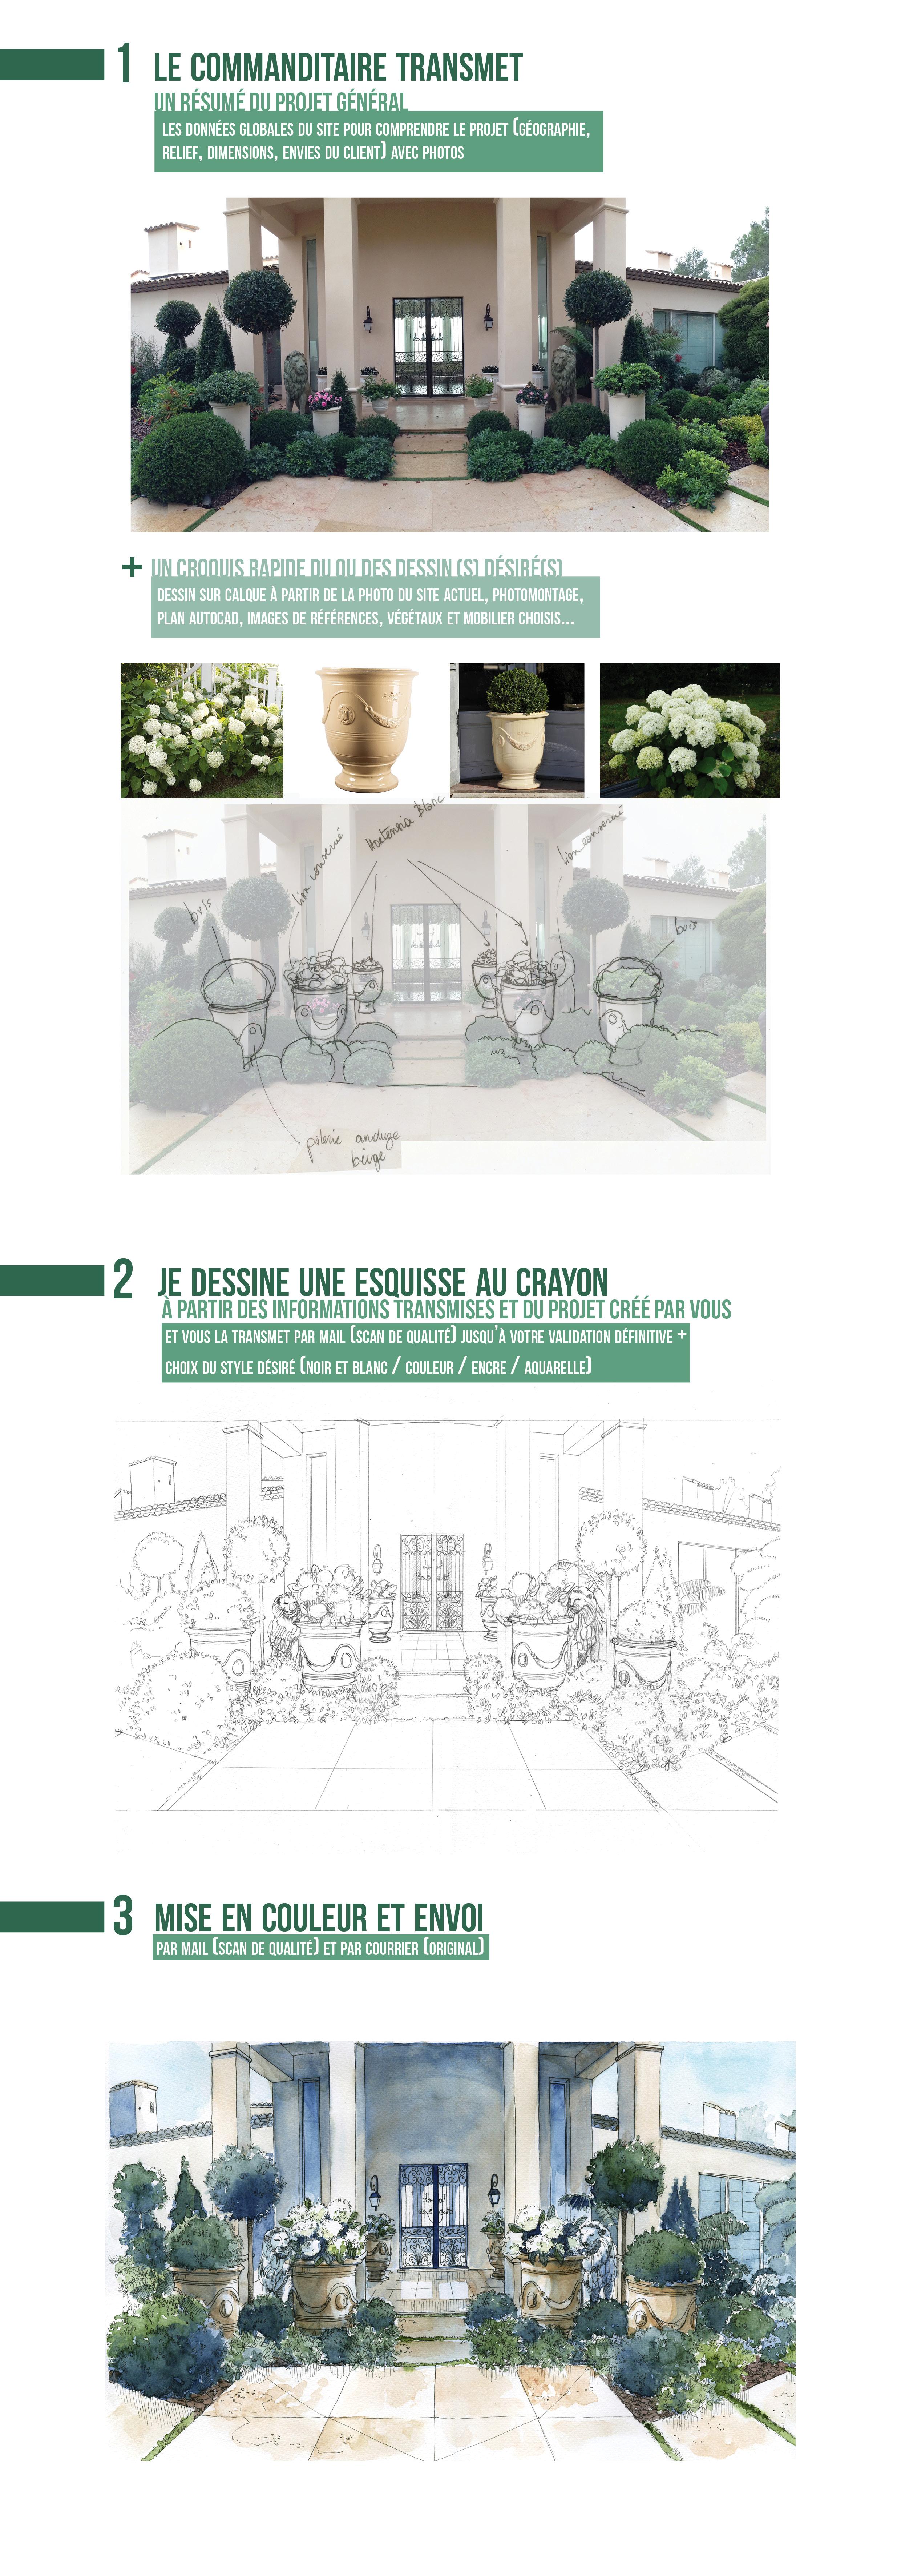 Exemple pour une commande de perspective d'un projet, avec transmission d'une photo de l'existant et d'images références du projet, associées à un croquis rapide (calque sur photo de l'existant)